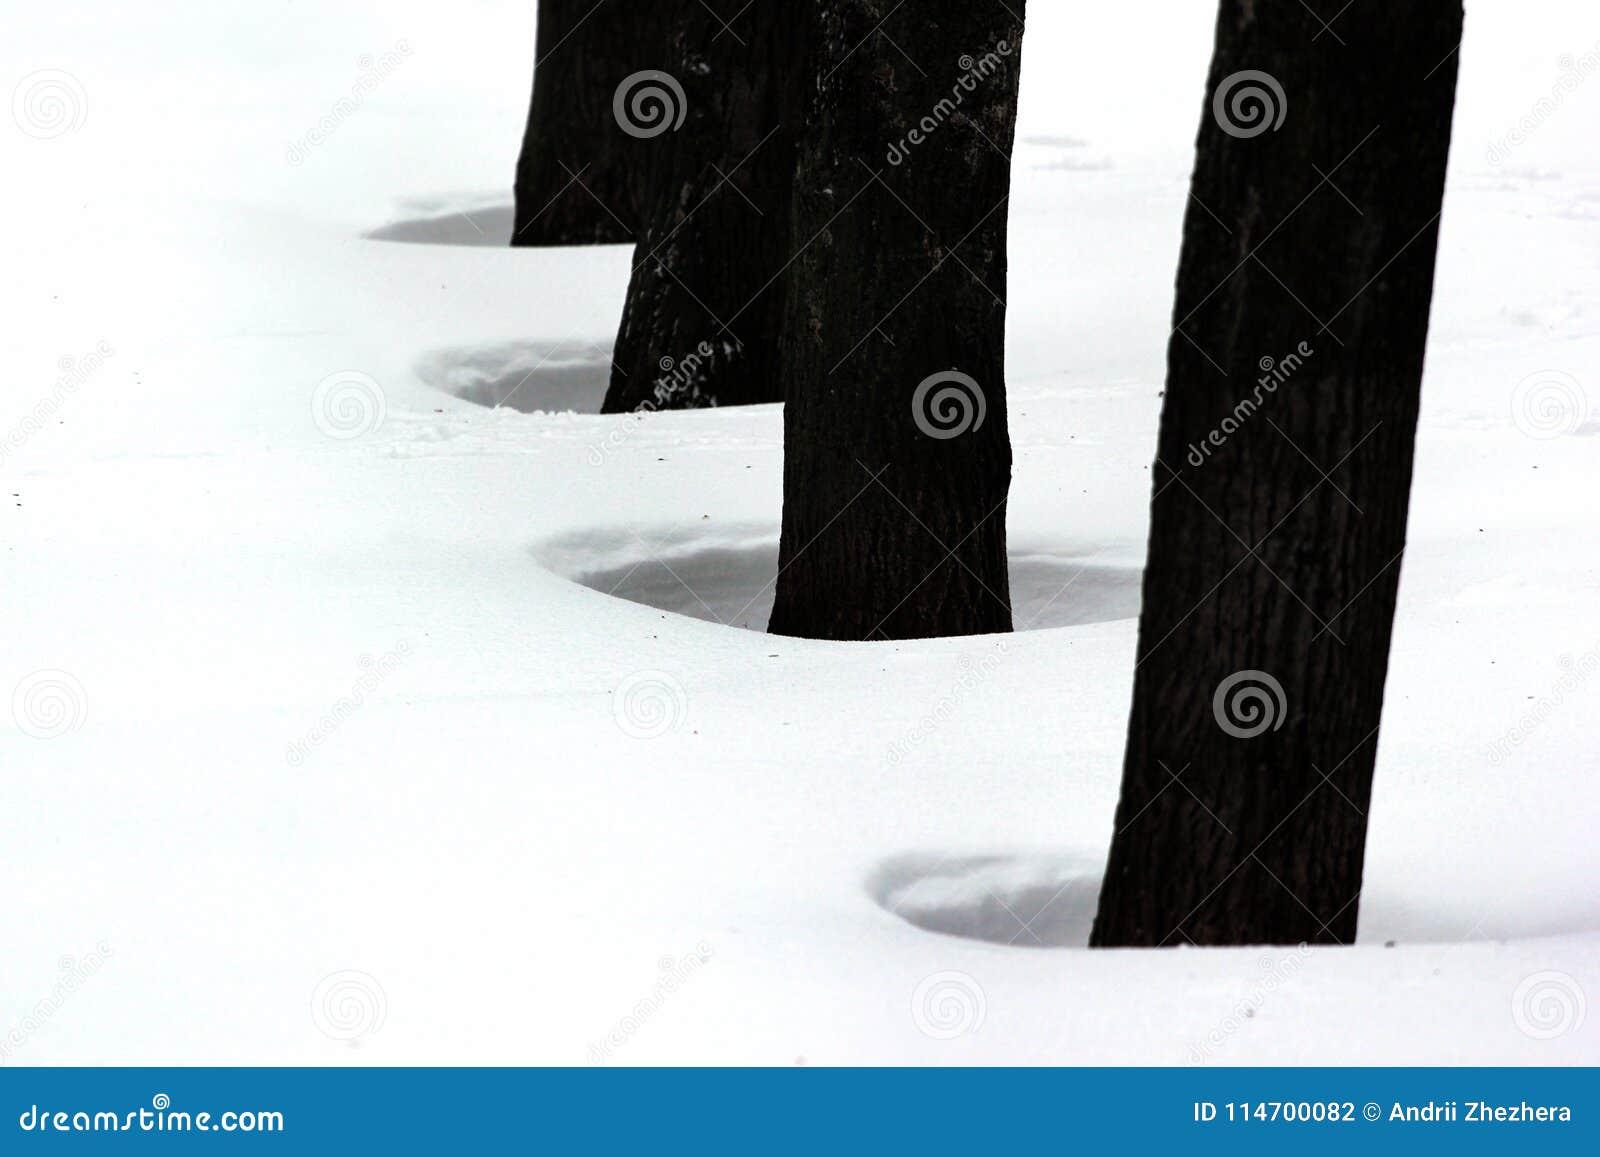 Furos na neve fundida pelo vento e pela tempestade de neve